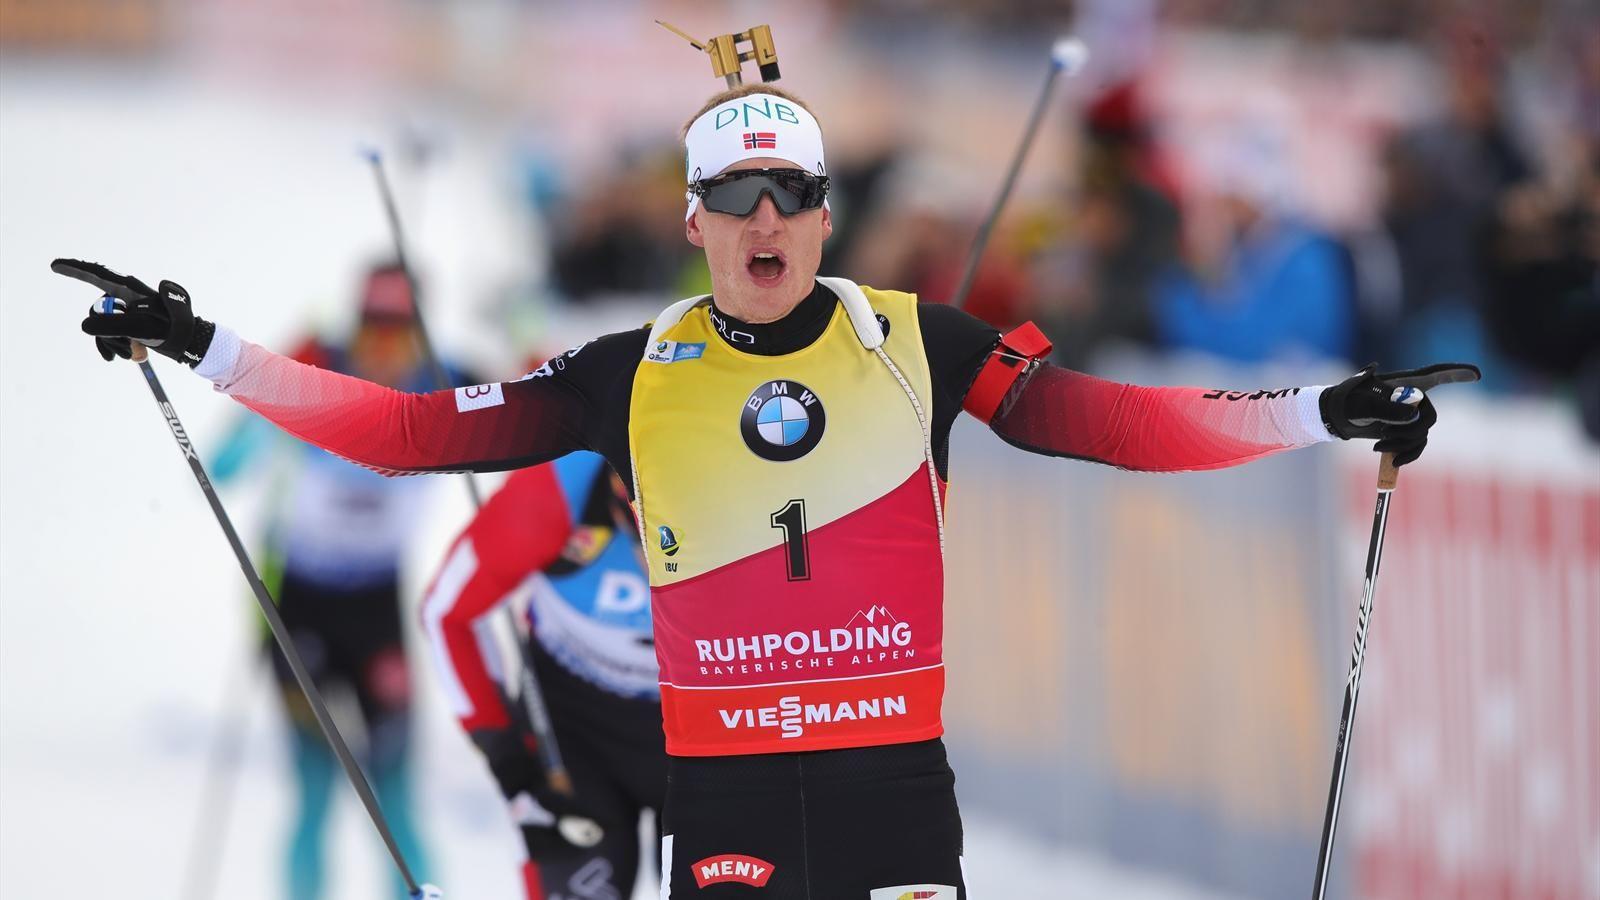 Олимпийский чемпион по биатлону Йоханнес Бе заработал в прошлом сезоне на Кубке мира почти €500 тысяч